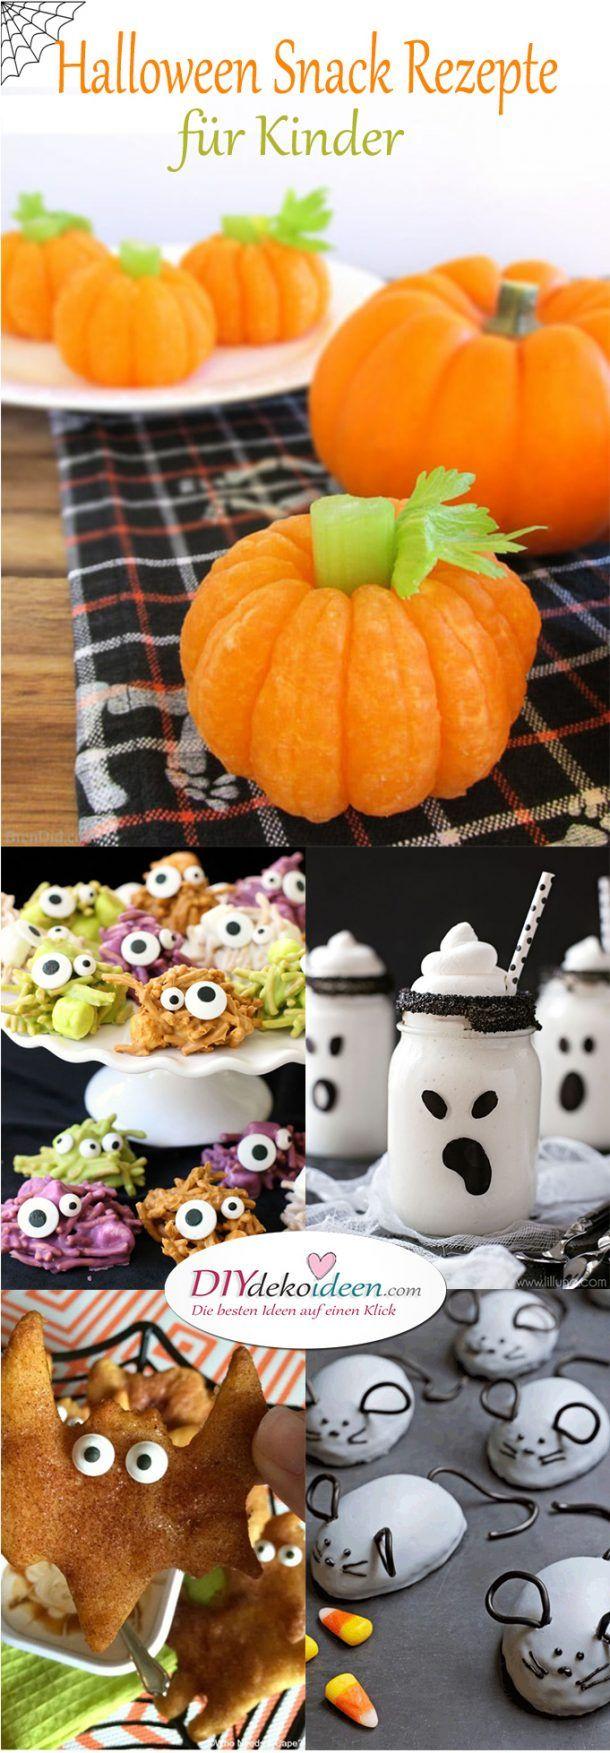 Einfache und leckere Halloween Snack Rezepte für Kinder